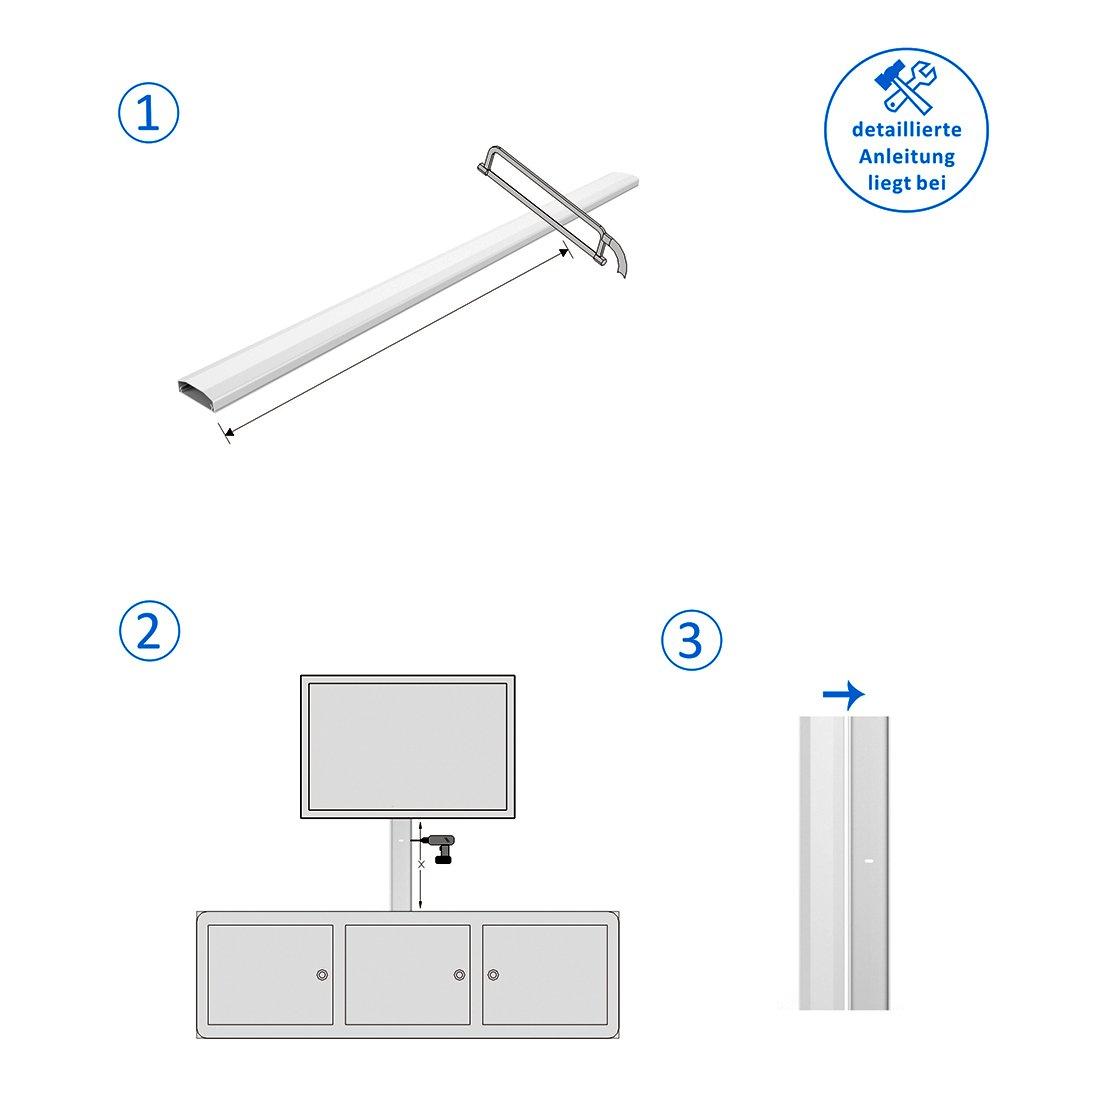 H/öhe 2cm Wei/ß deleyCON Universal Kabelkanal Leitungskanal einfaches Verlegen von Kabeln und Leitungen hochwertiges PVC L/änge 50cm Breite 6cm